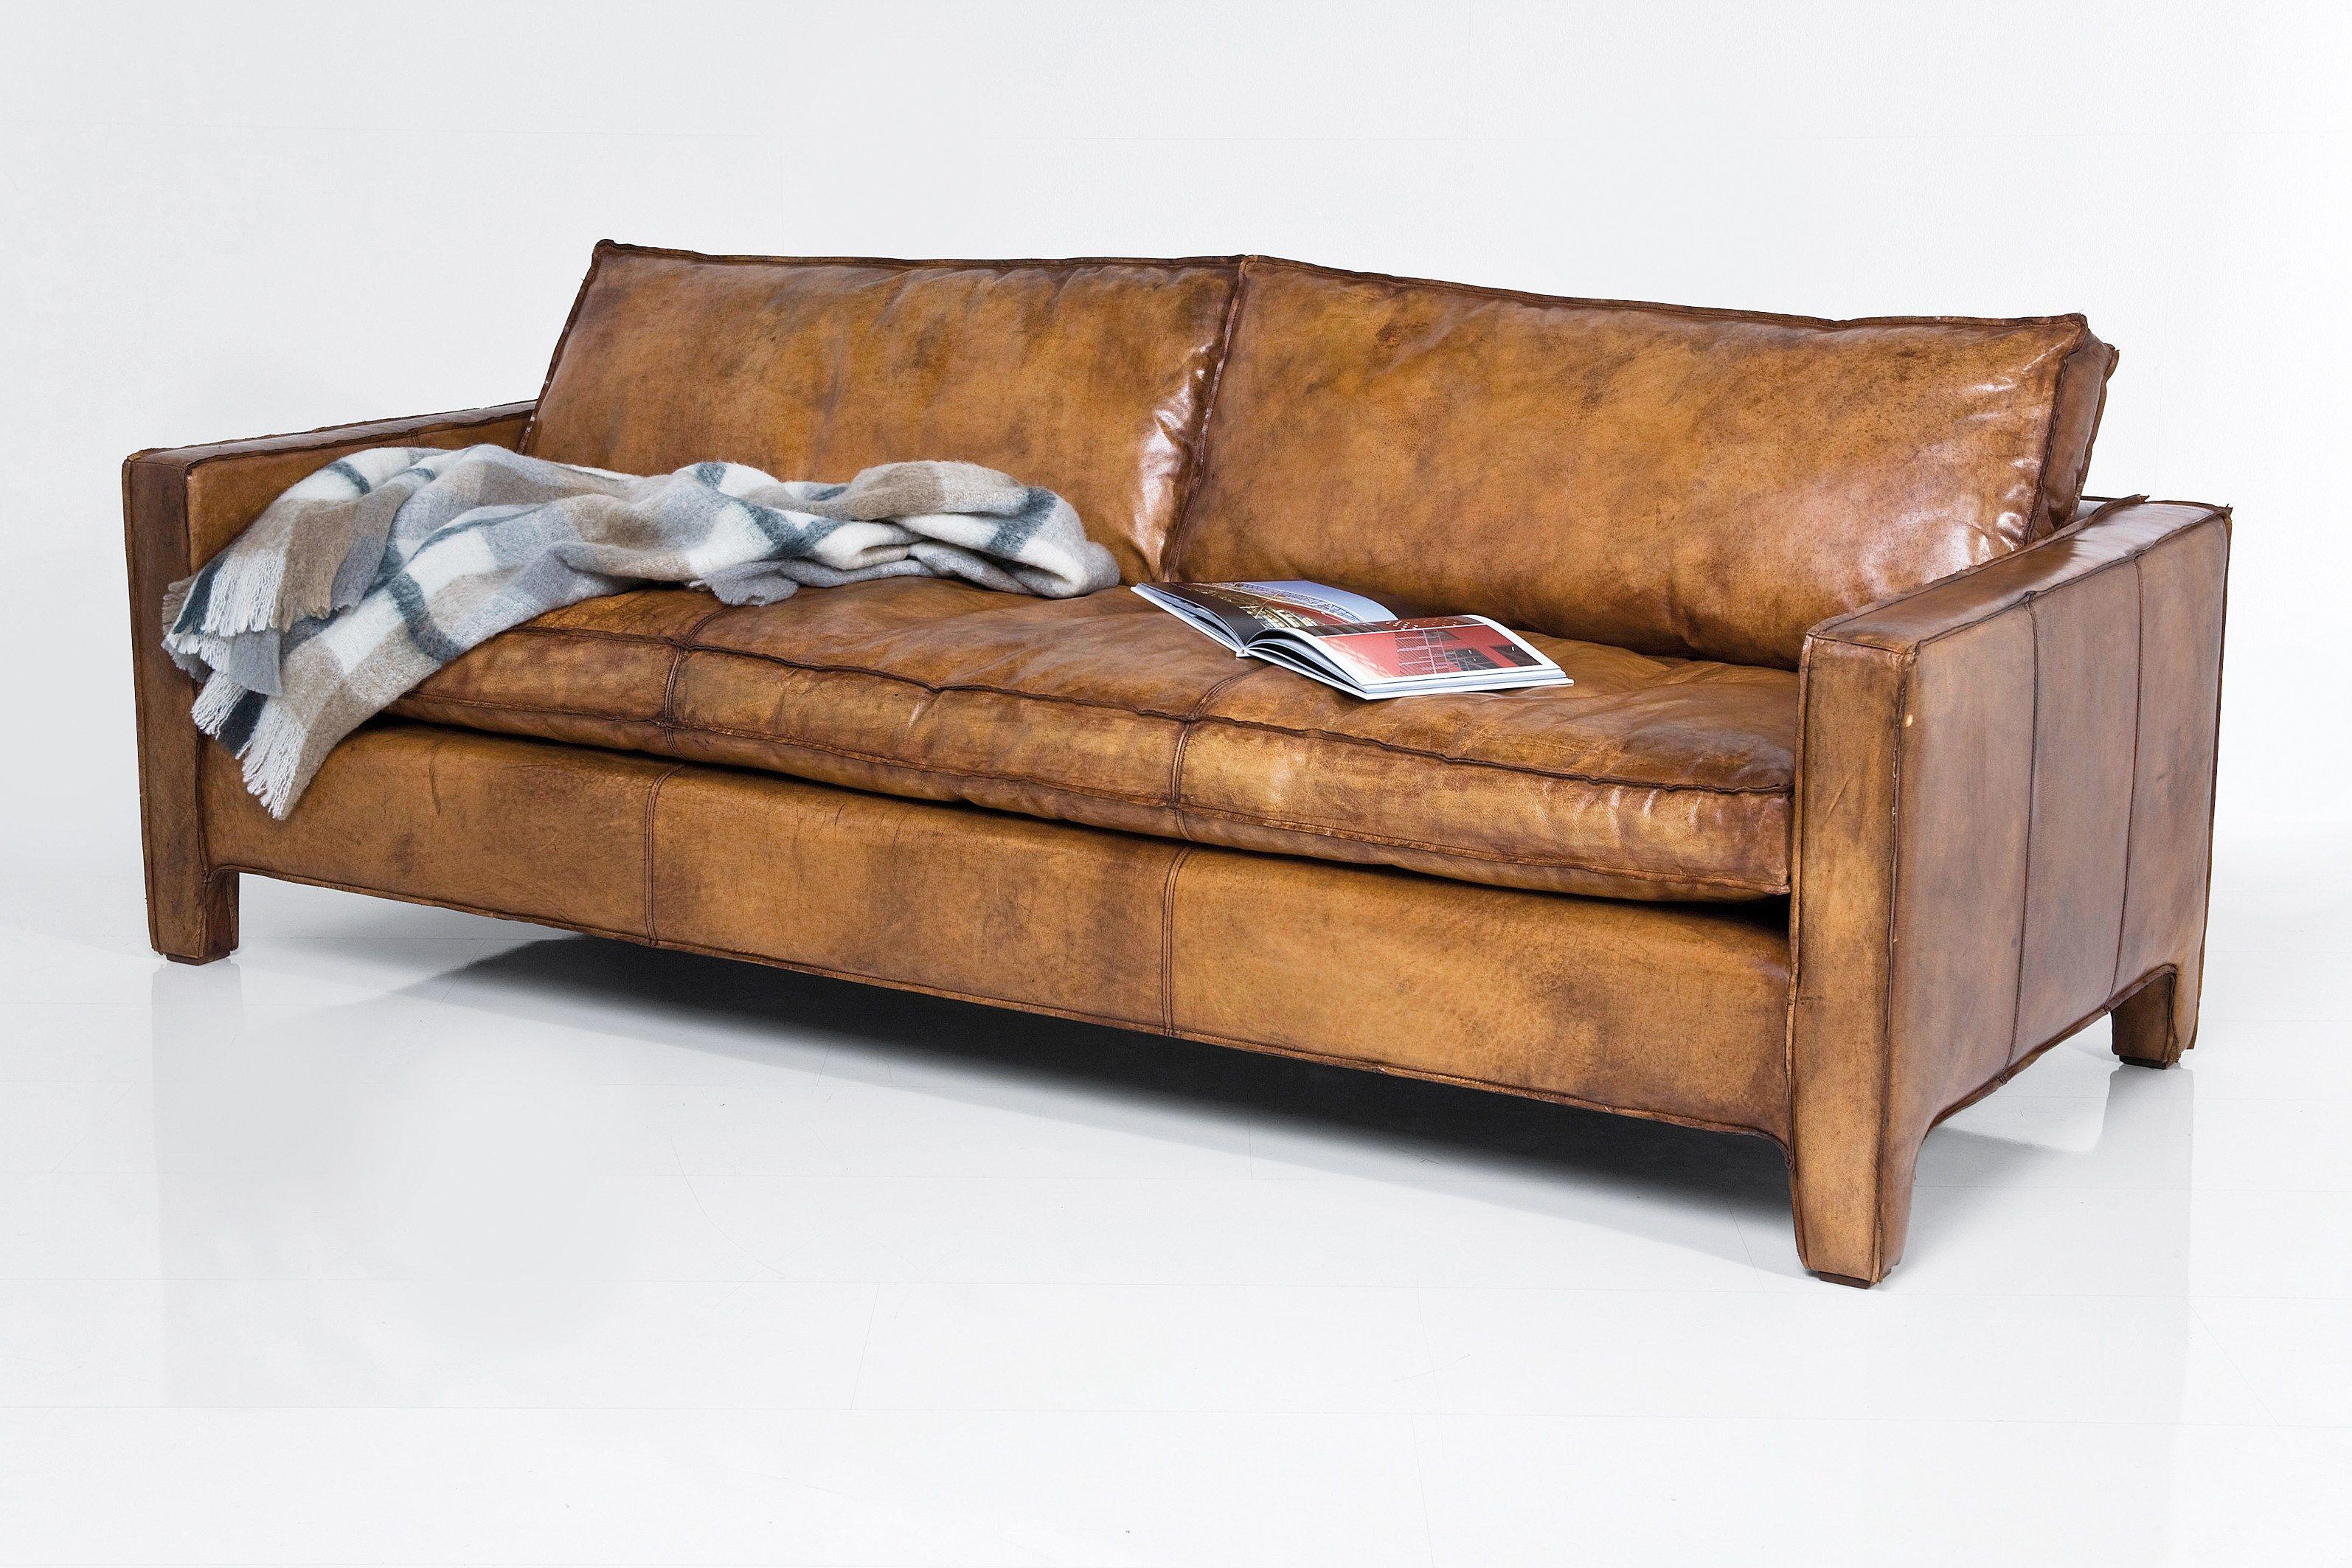 3 er sofa aus leder comfy buffalo brown by kare design. Black Bedroom Furniture Sets. Home Design Ideas